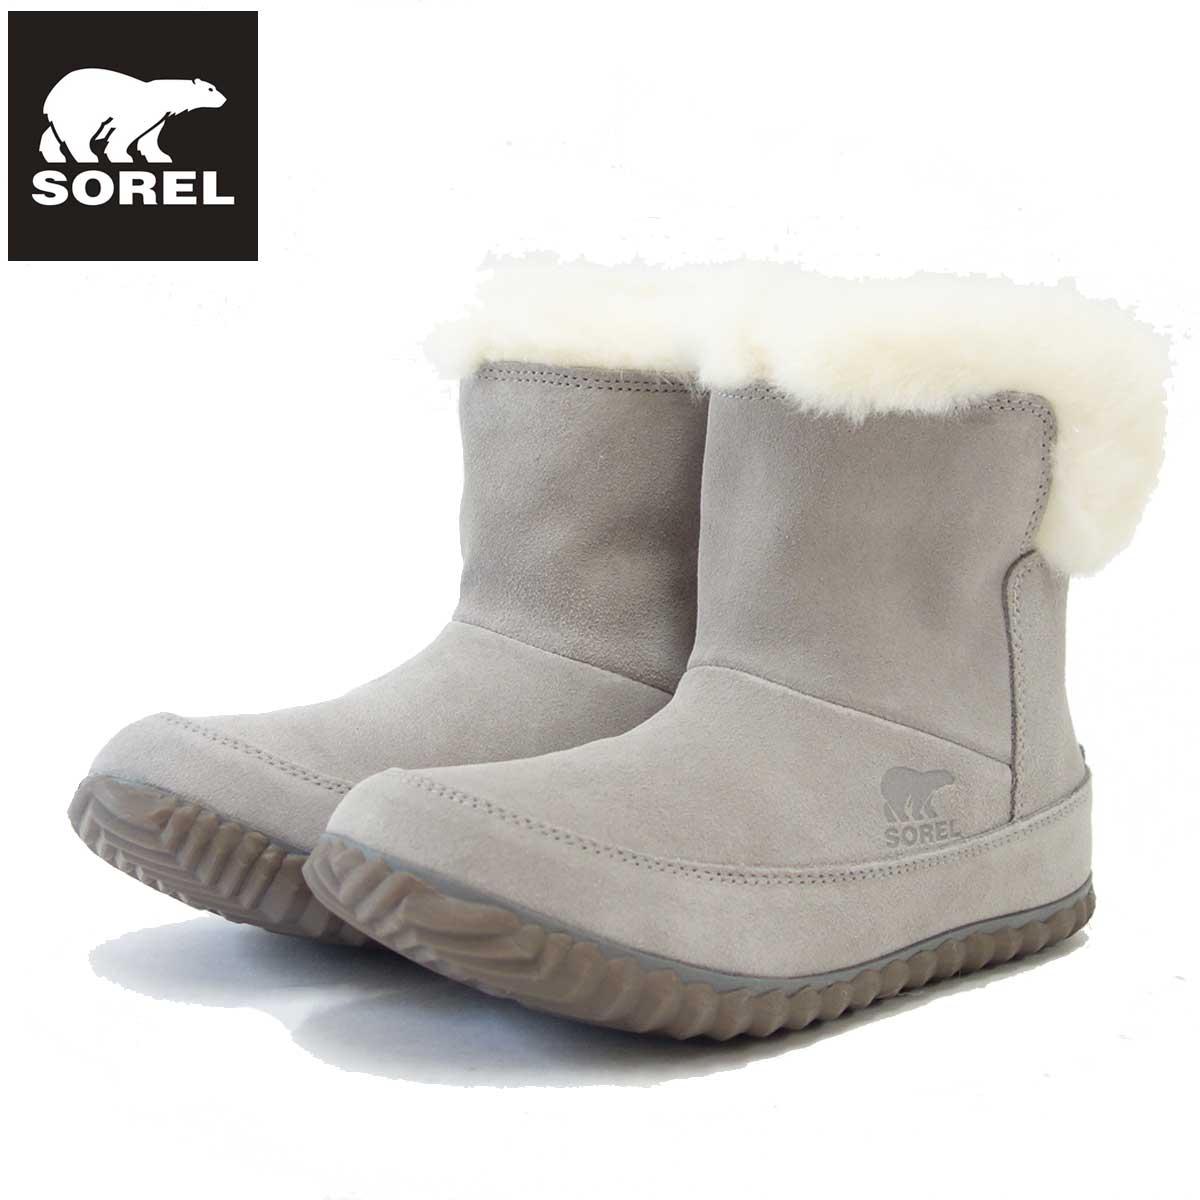 ソレル SOREL NL 3073(レディース) アウトアンドアバウトブーティー:Chrome Grey (061) 保温性・撥水性抜群の快適ウィンターブーツ 「靴」